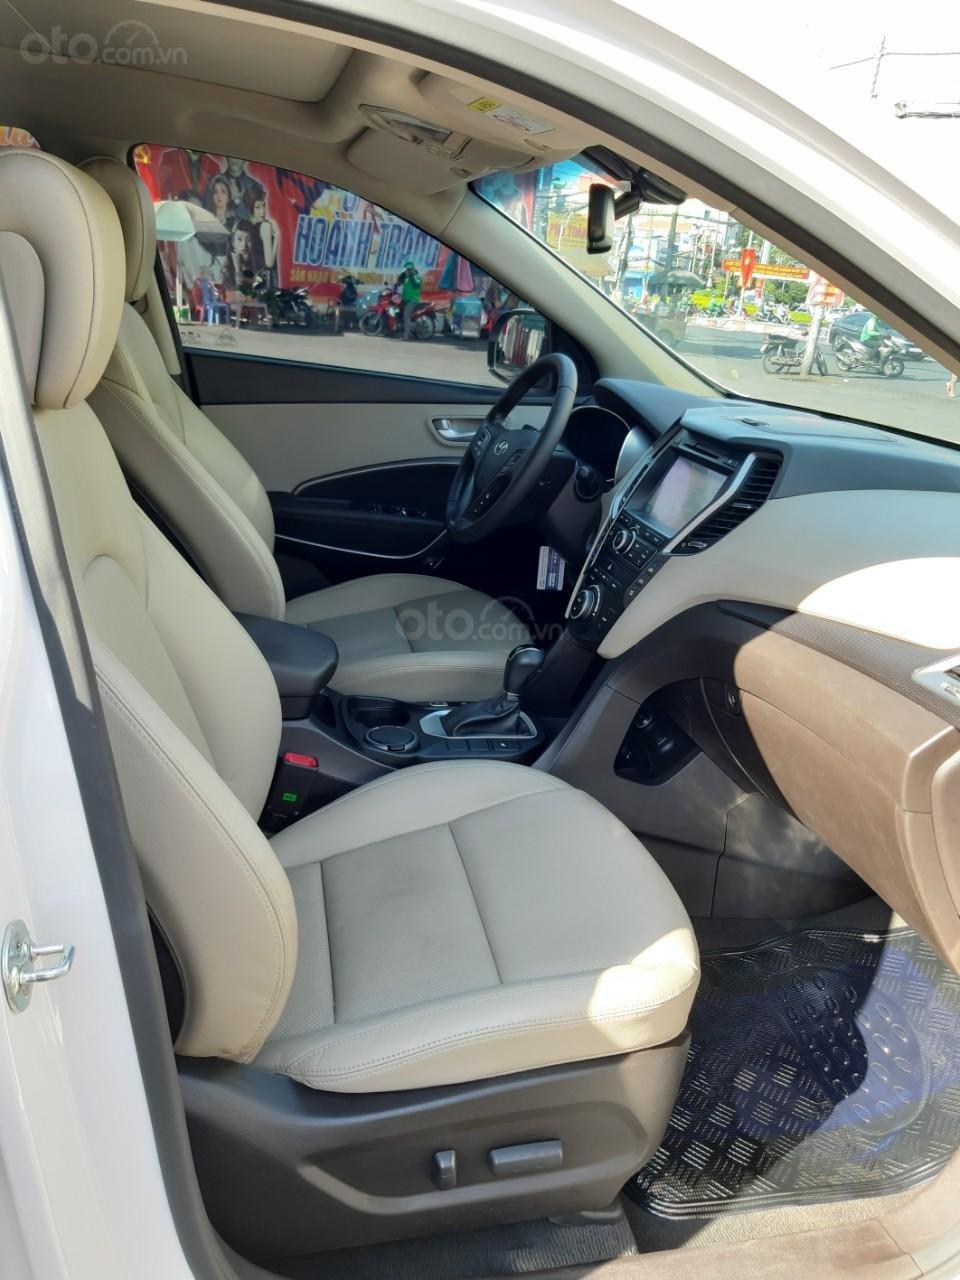 Hyundai Santa Fe CRDi model 2017, màu trắng, nhập khẩu còn mới toanh, full option loại cao cấp nhất, 1 tỷ 50tr-3